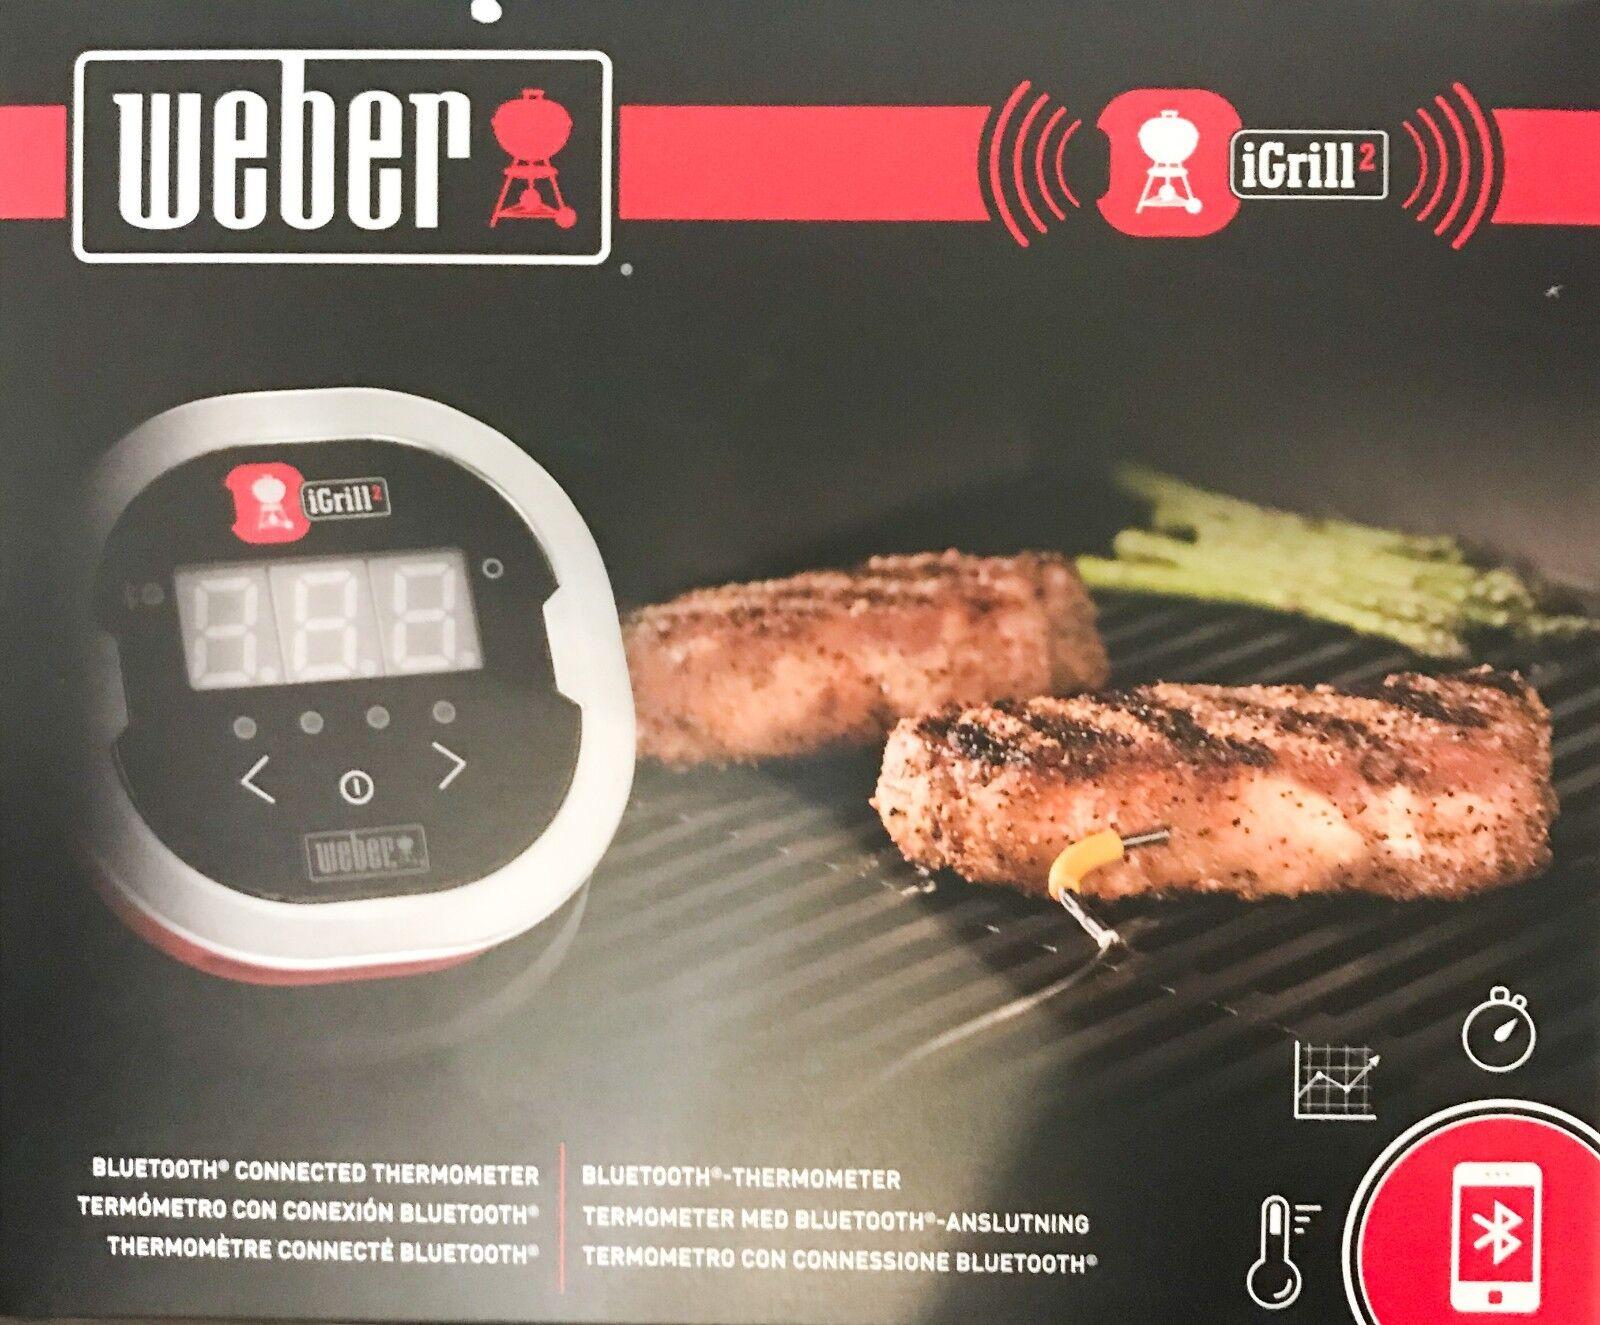 Weber iGrill 2 Grillthermometer 7221 für Smartphones mit 2 Messfühlern